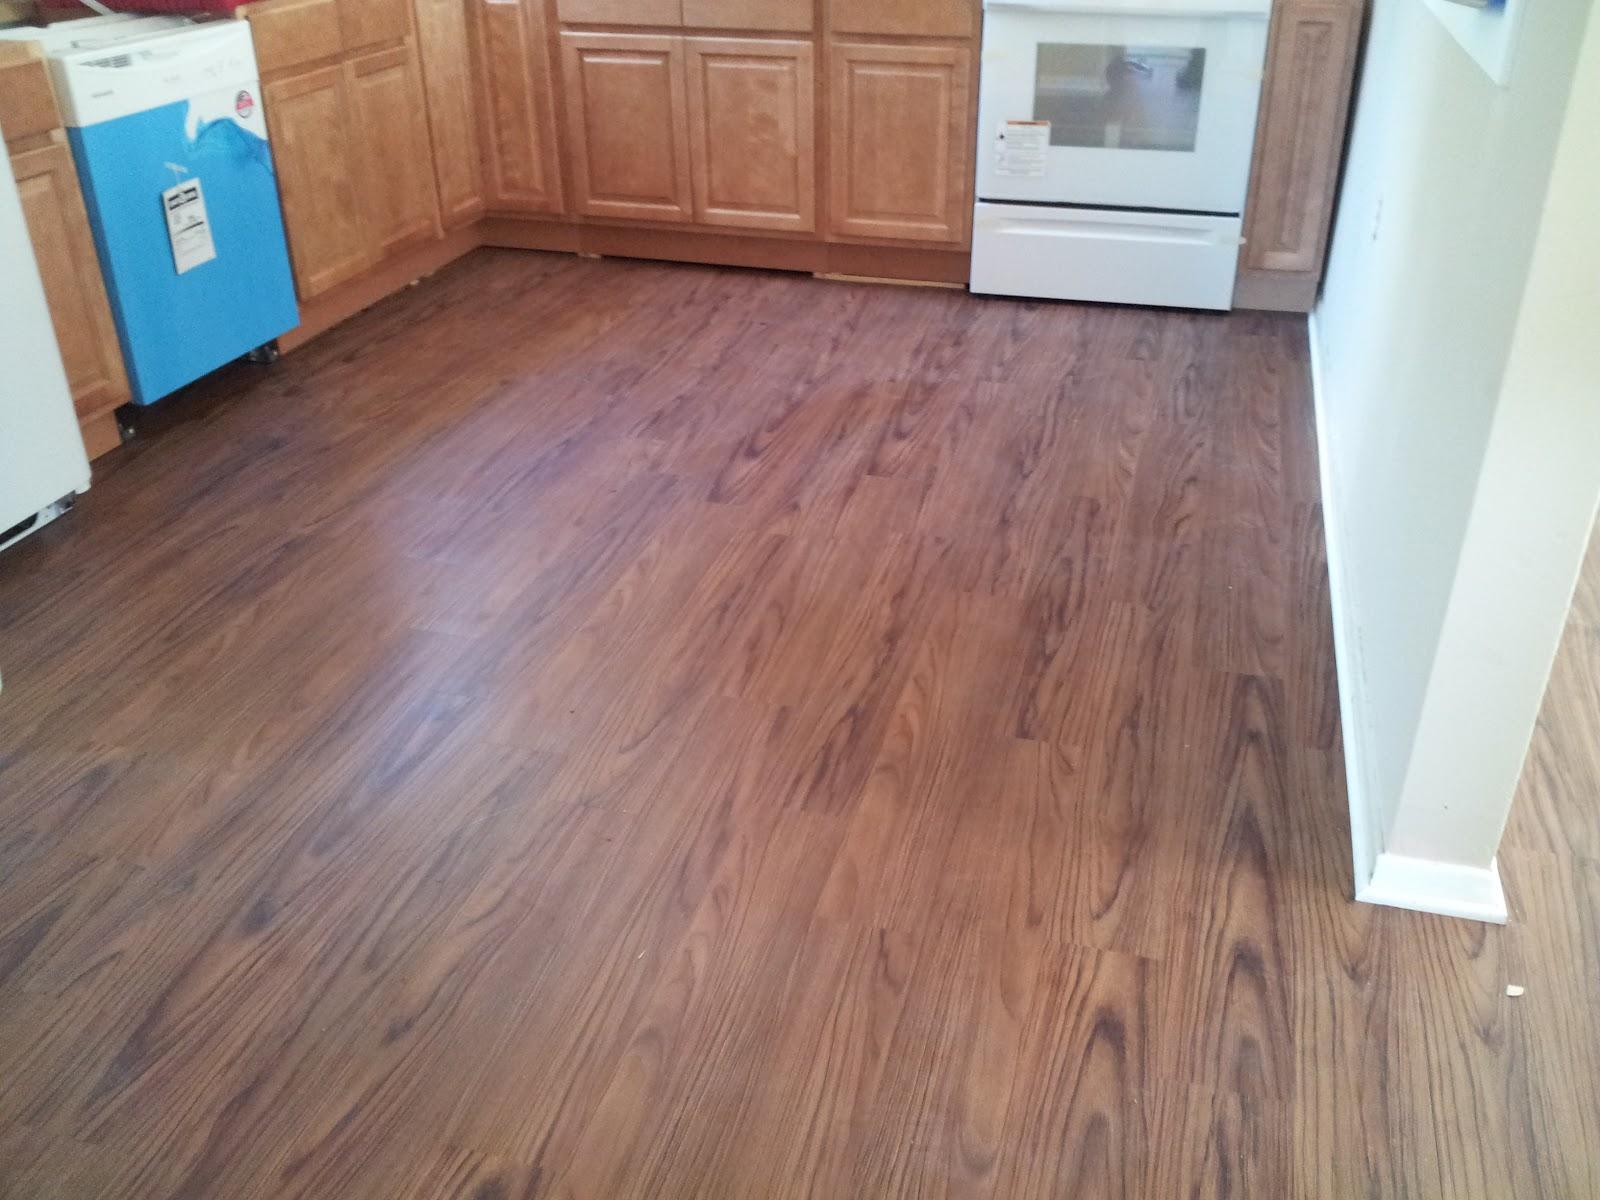 Floor Installation Photos Wood looking vinyl floor in